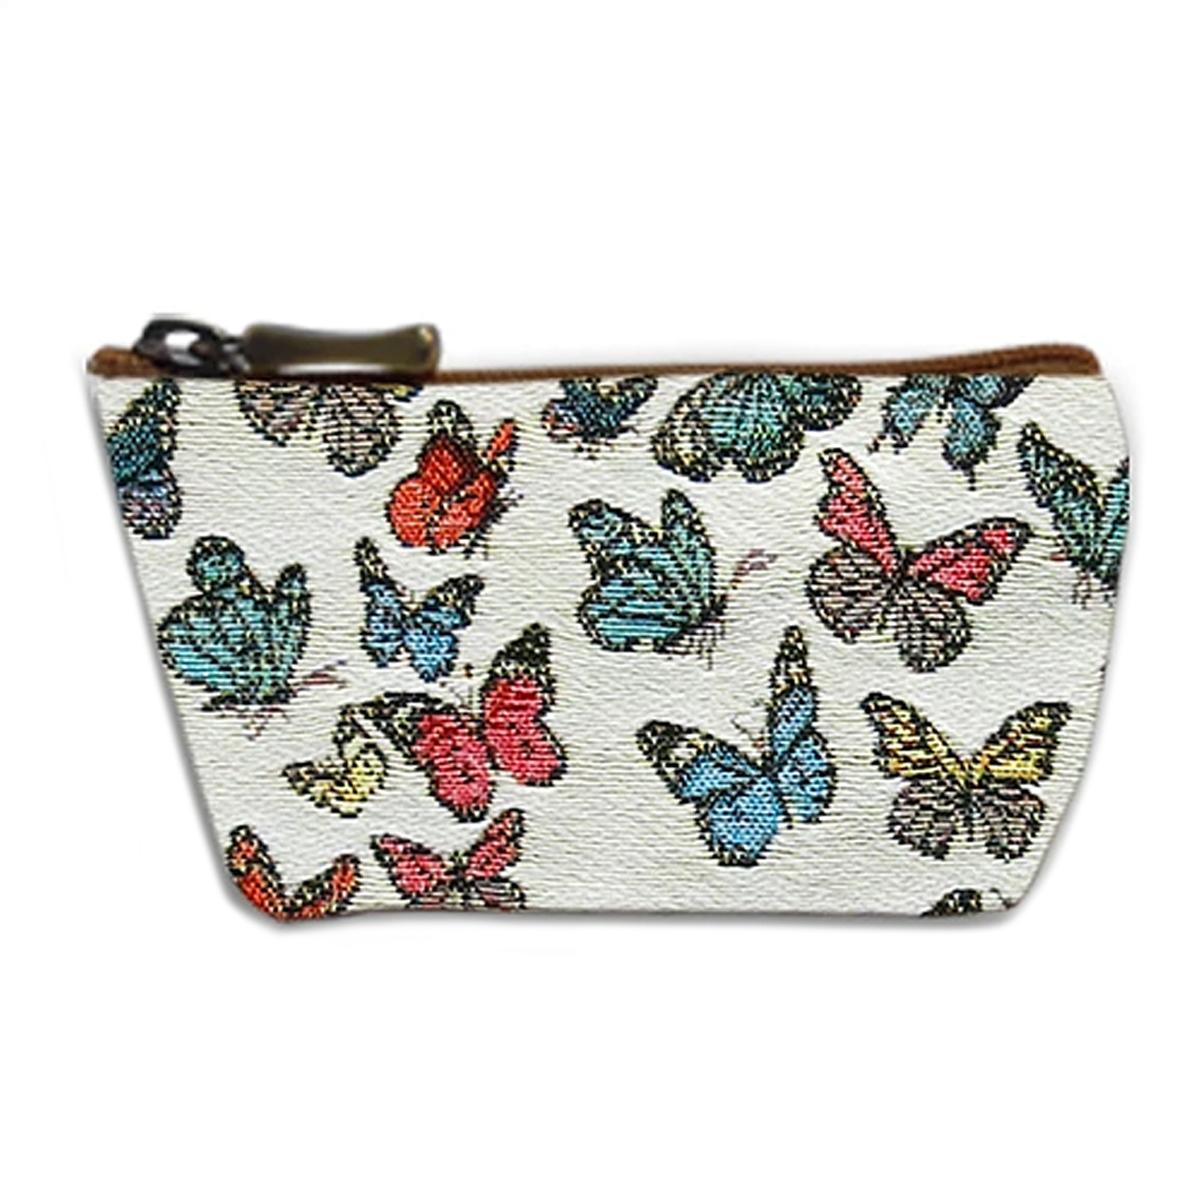 Porte-monnaie artisanal \'Royal Tapisserie\' blanc multicolore (papillons)  - 12x8x4 cm - [Q6362]